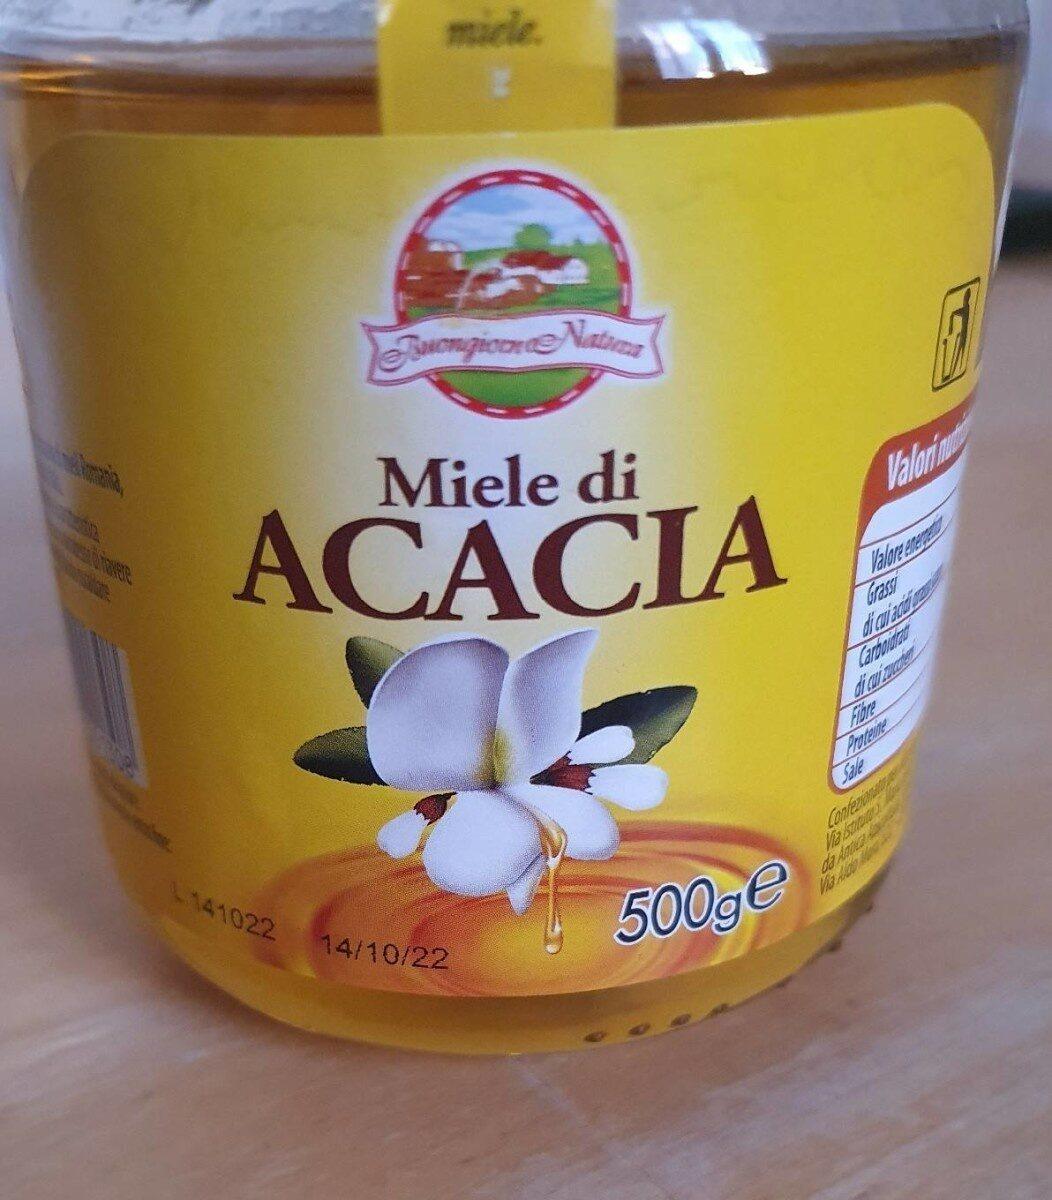 Miele di Acacia - Product - it